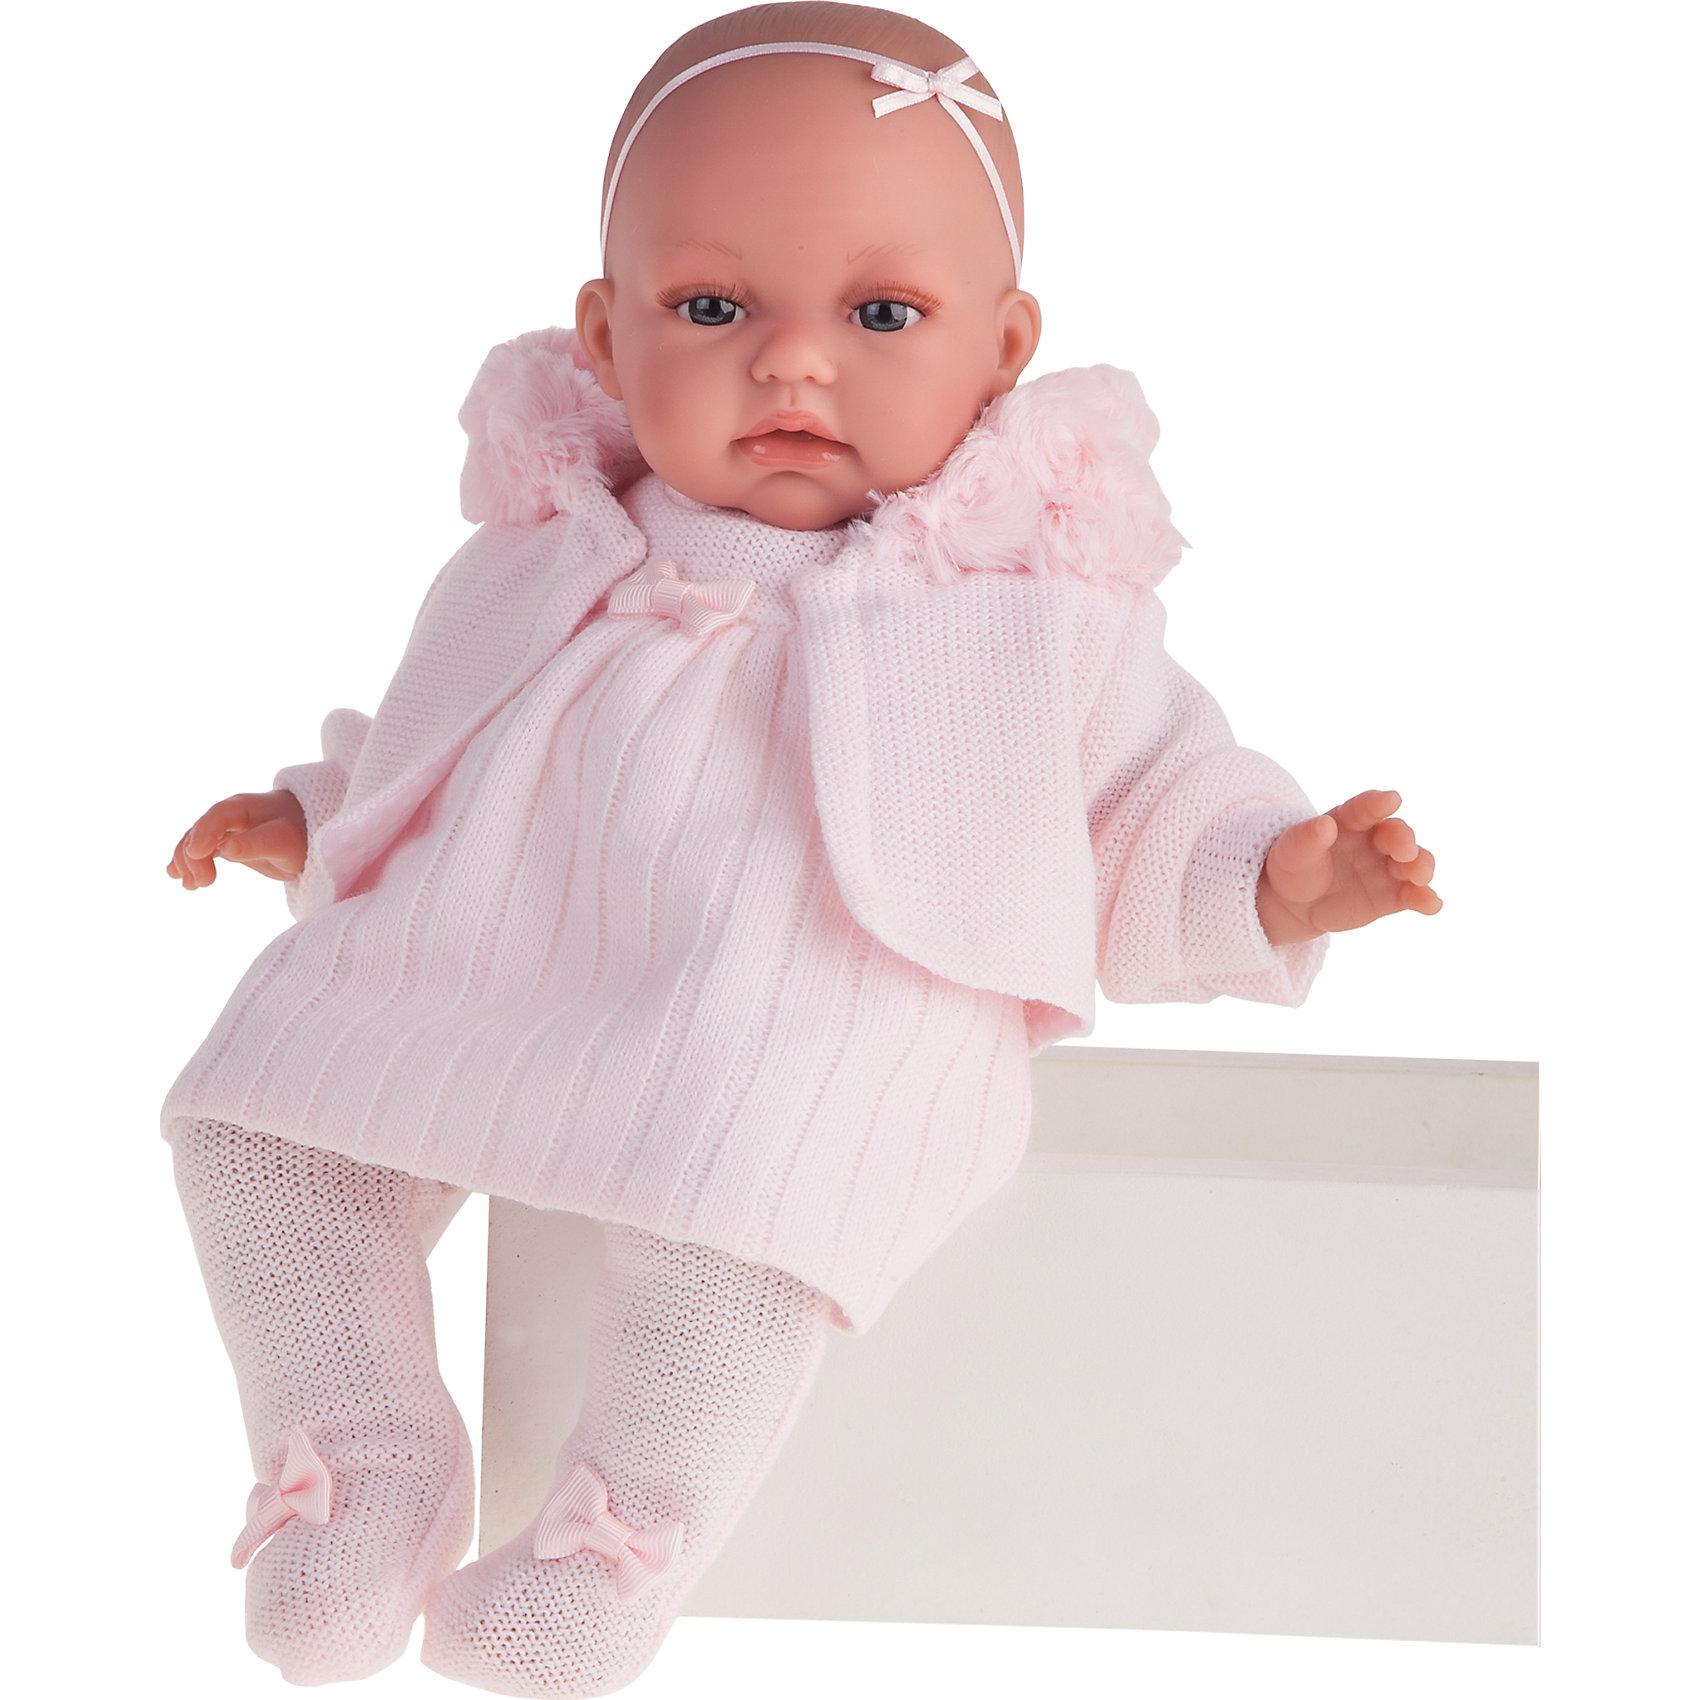 Кукла Стефания, 34 см, Munecas Antonio JuanКукла Стефания, 34 см, Munecas Antonio Juan (Мунекас от Антонио Хуан) ? это очаровательный малыш от всемирно известного испанского бренда Мунекас от Антонио Хуан, который знаменит своими реалистичными куклами. Кукла изготовлена из винила высшего качества, ее тело ? мягконабивное, ручки и ножки подвижны, голова поворачивается в стороны, глазки не закрываются. <br>Выразительный взгляд карих глаз, обрамленных длинными пышными ресничками, нежные черты лица, розовые щечки, пухленькие губки и курносый носик. Если Стефании нажать на животик, она начинает по-детски лепетать. Замолчит малышка только после того, как ей в ротик вставят соску.<br>Кукла Стефания, 34 см, Munecas Antonio Juan (Мунекас от Антонио Хуан) разработана с учетом анатомических особенностей и мимики младенцев. Играя с пупсом, ваш ребенок реалистично проживает роль «мамы», учится ухаживать за малышом, заботиться о нем.<br>Малышка Стефания очень стильная.  У нее теплый дизайнерский комплект одежды: розовое вязаное платьице, ползуночки и теплая кофточка. Весь комплект одежды демонстрирует тонкое чувства стиля и вкуса в одежде.<br>Куклы JUAN ANTONIO munecas (Мунекас от Антонио Хуан) ? мечта девочки любого возраста!<br><br>Дополнительная информация:<br><br>- Вид игр: сюжетно-ролевые игры <br>- Дополнительные функции: лепетание<br>- Комплектация: кукла, соска<br>- Материал: пластик, винил, текстиль<br>- Высота куклы: 34 см<br>- Вес: 2 кг 680 г<br>- Батарейки: 3 шт. 3 LR44 (в комплекте)<br>- Особенности ухода: одежда ? ручная стирка, саму куклу мыть не рекомендуется <br><br>Подробнее:<br><br>• Для детей в возрасте: от 3 лет и до 6 лет<br>• Страна производитель: Испания<br>• Торговый бренд: JUAN ANTONIO munecas <br><br>Куклу Стефанию, 34 см, Munecas Antonio Juan (Мунекас от Антонио Хуан) (Мунекас от Антонио Хуан) можно купить в нашем интернет-магазине.<br><br>Ширина мм: 440<br>Глубина мм: 245<br>Высота мм: 120<br>Вес г: 2366<br>Возраст от месяцев: 36<br>Возраст до месяцев